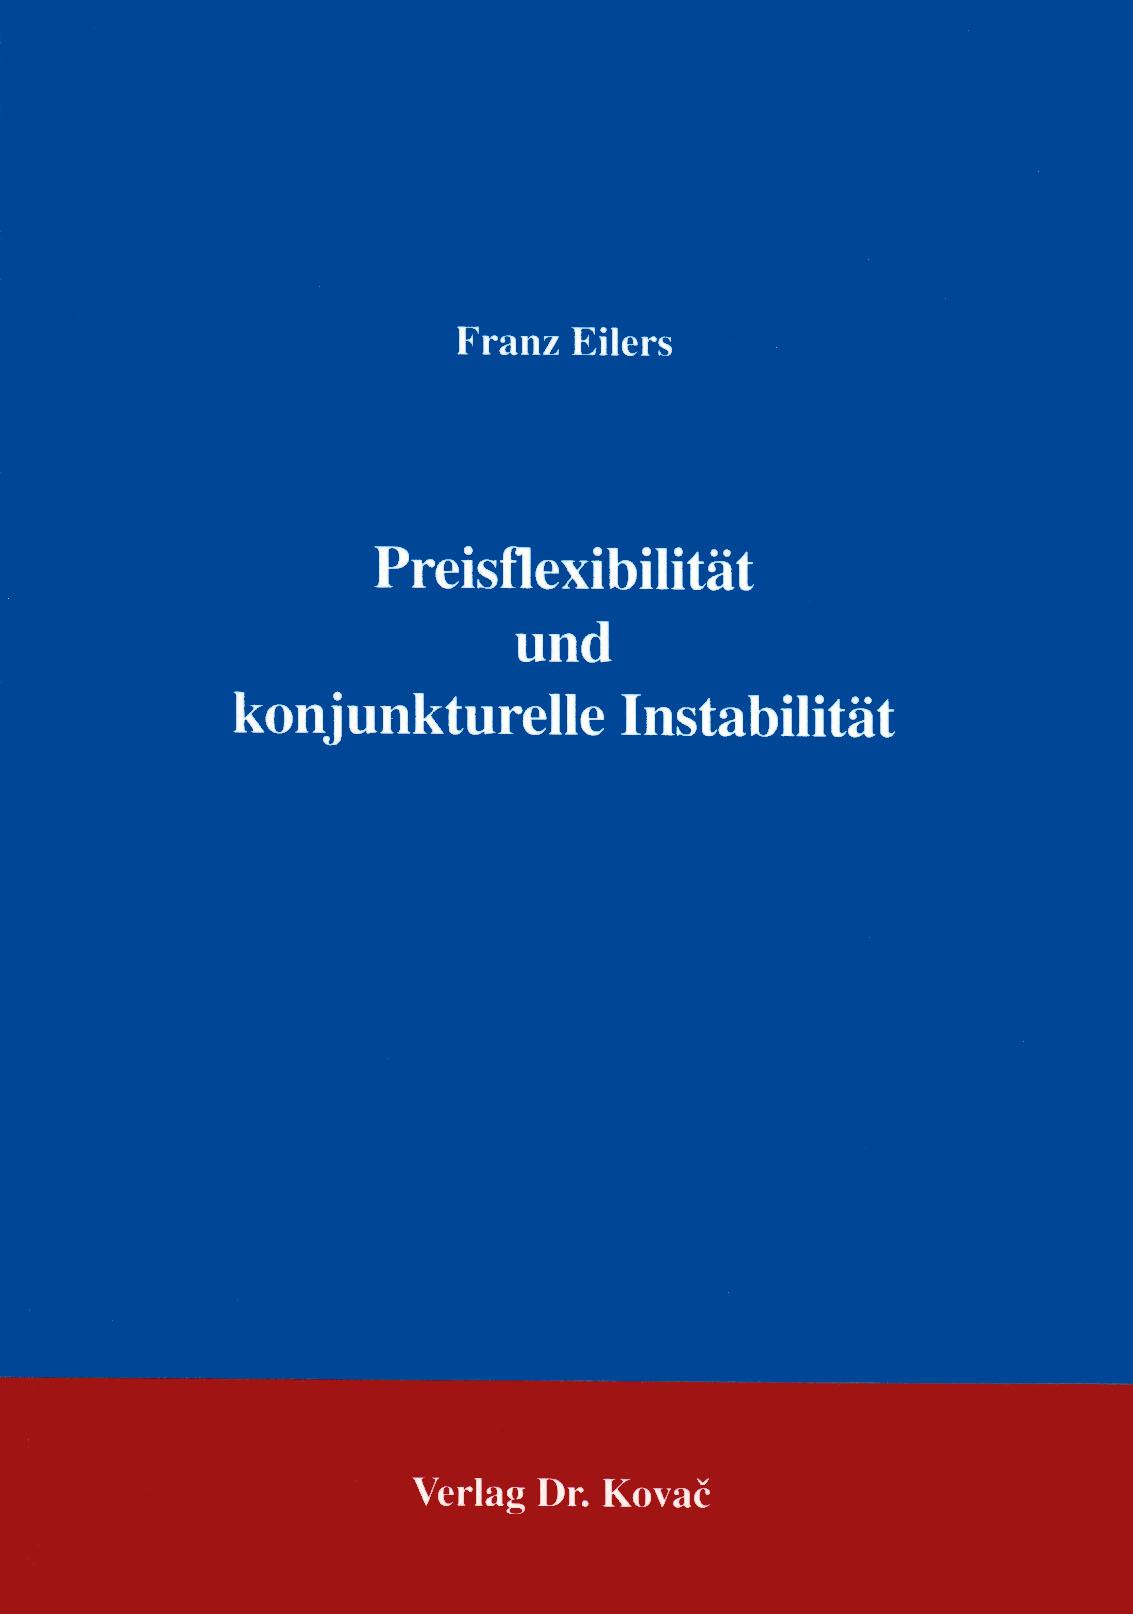 Cover: Preisflexibilität und konjunkturelle Instabilität